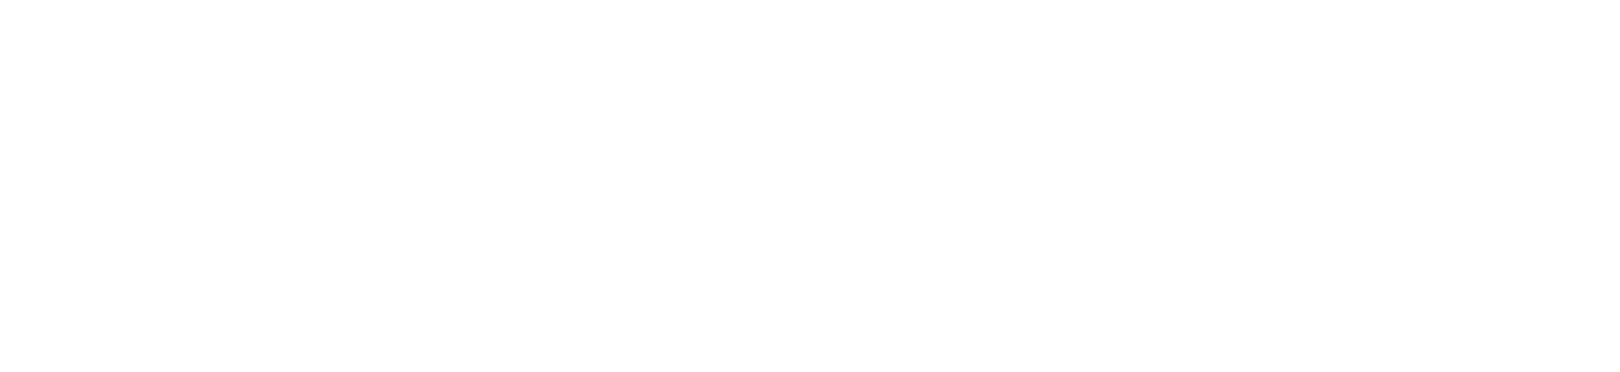 zim_logo_trans_rec_dem_recyclingpfeil_2c.png